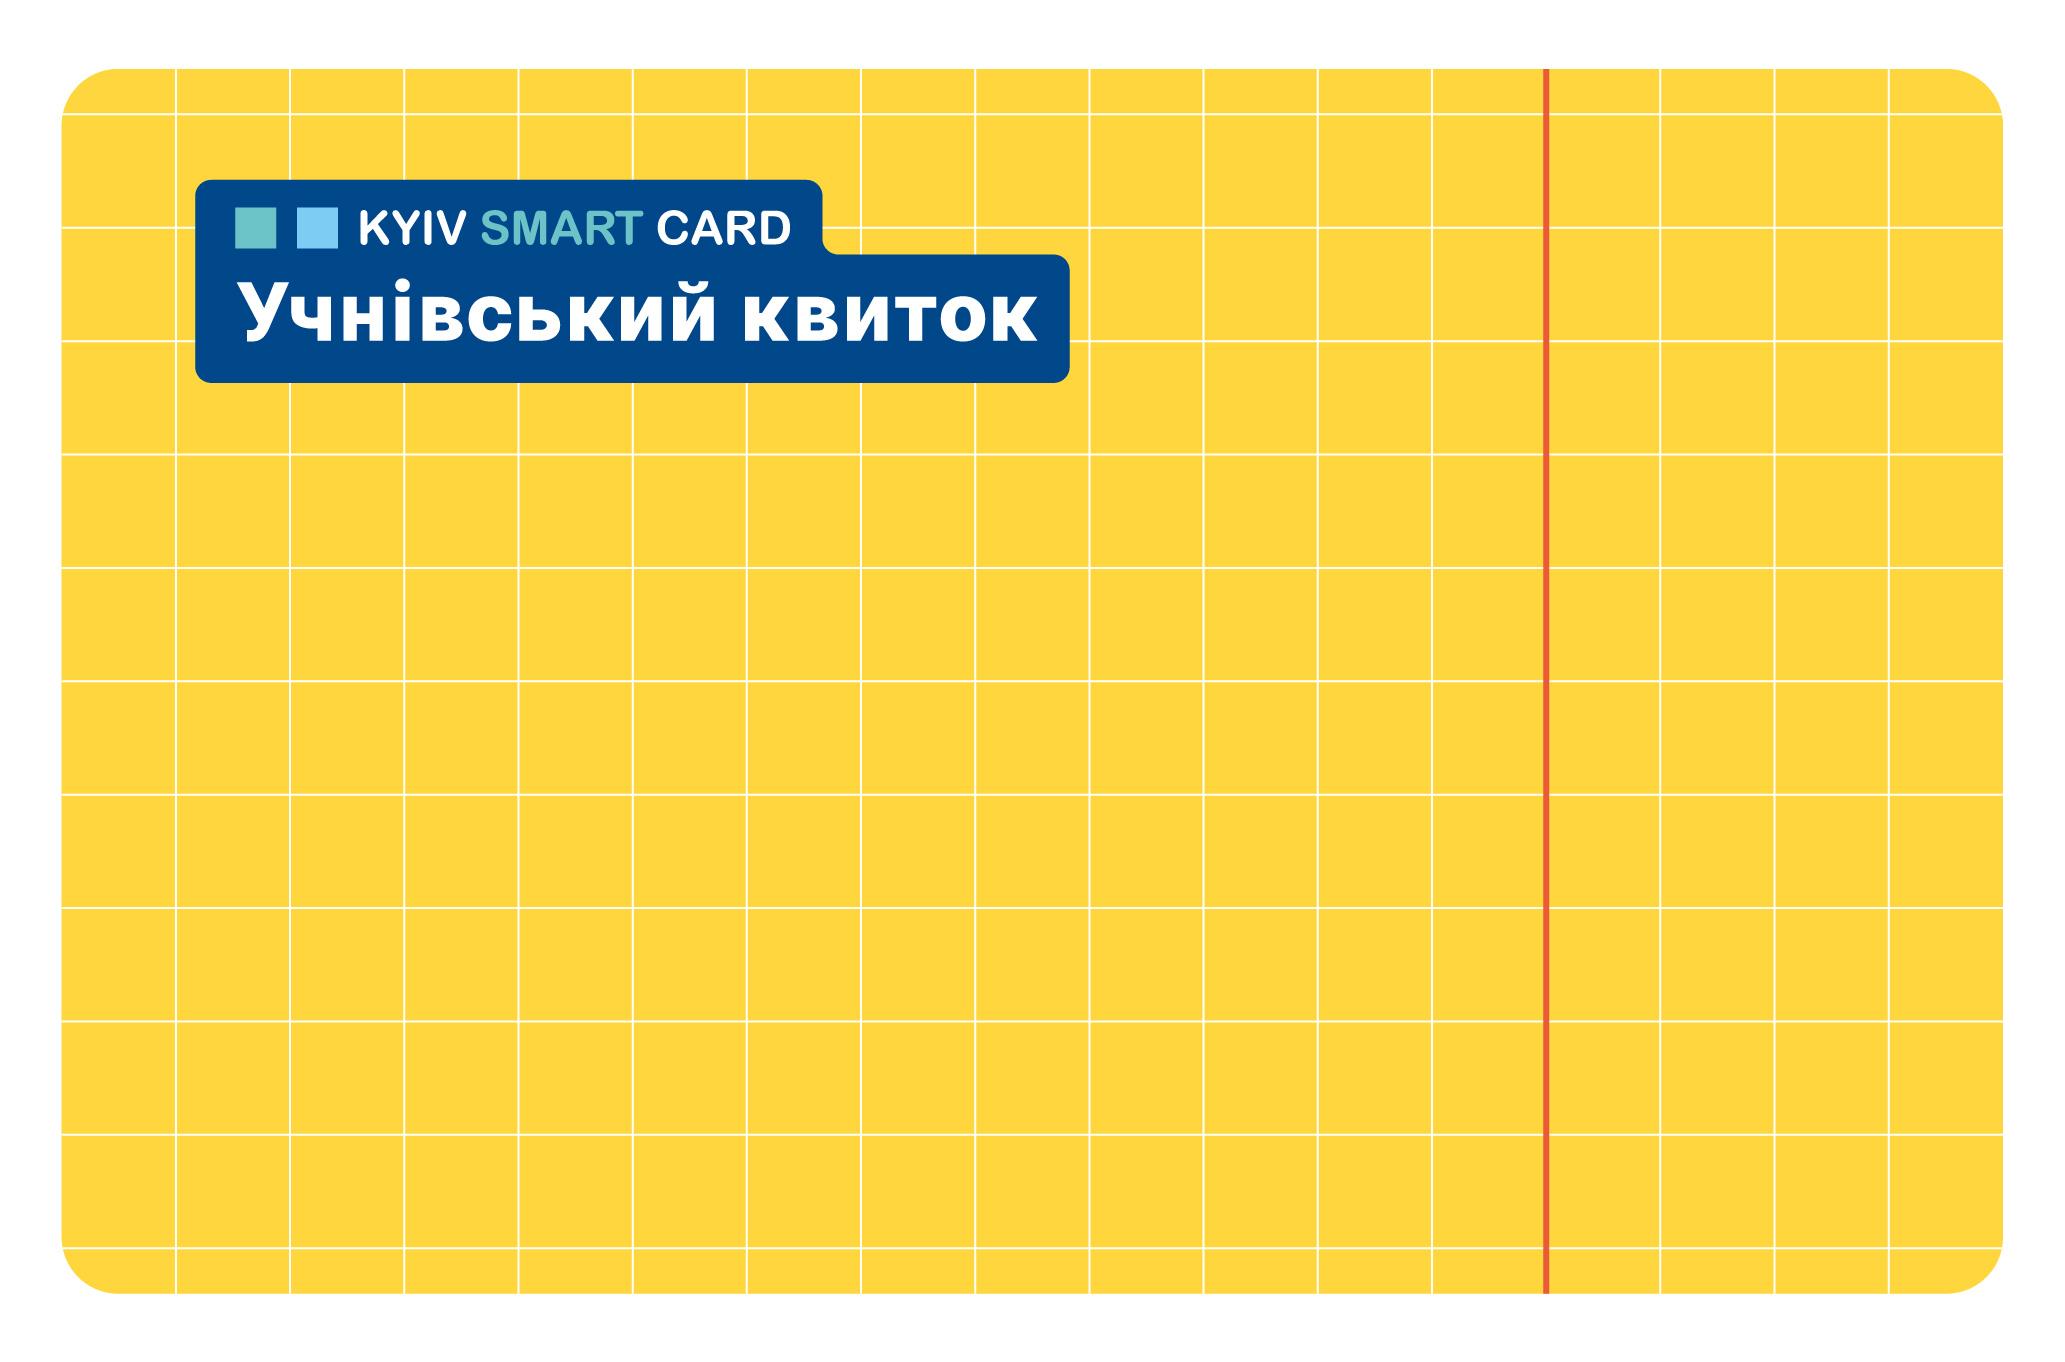 Власти Киева планируют запустить электронный ученический билет до конца года 01